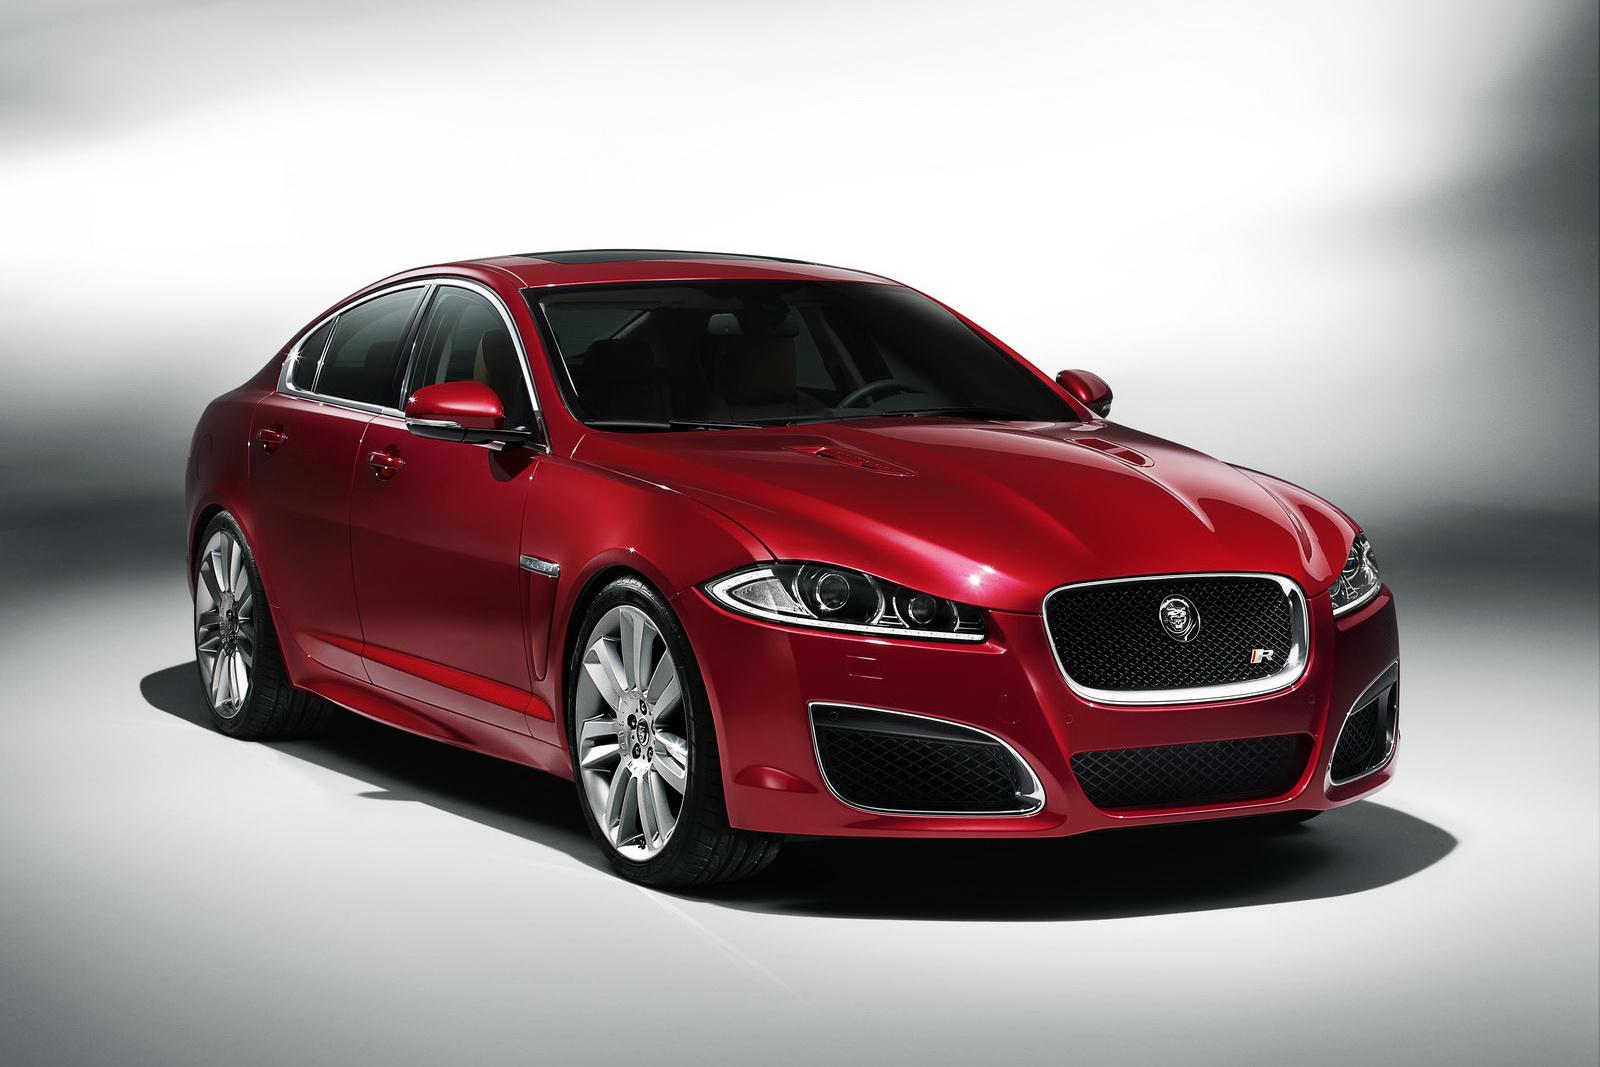 jaguar review car type gear quarter xf top reviews front